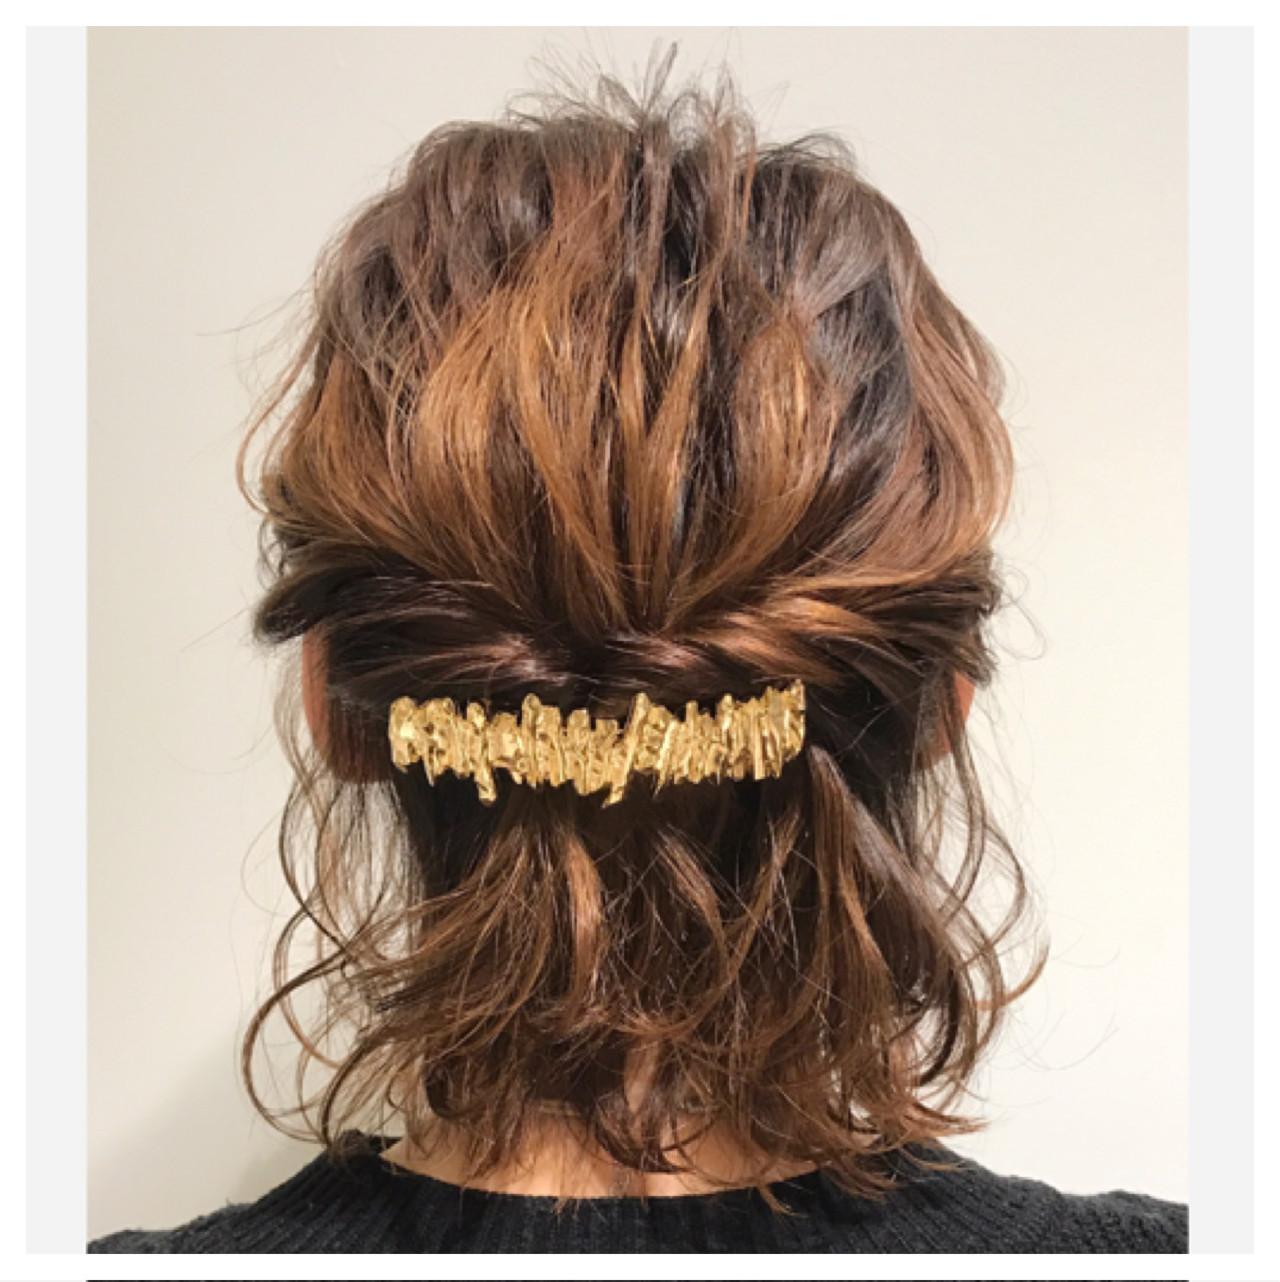 前髪ありなしどちらも可愛い♡どちらでも使い分けられるアレンジ集 徳井 瞬